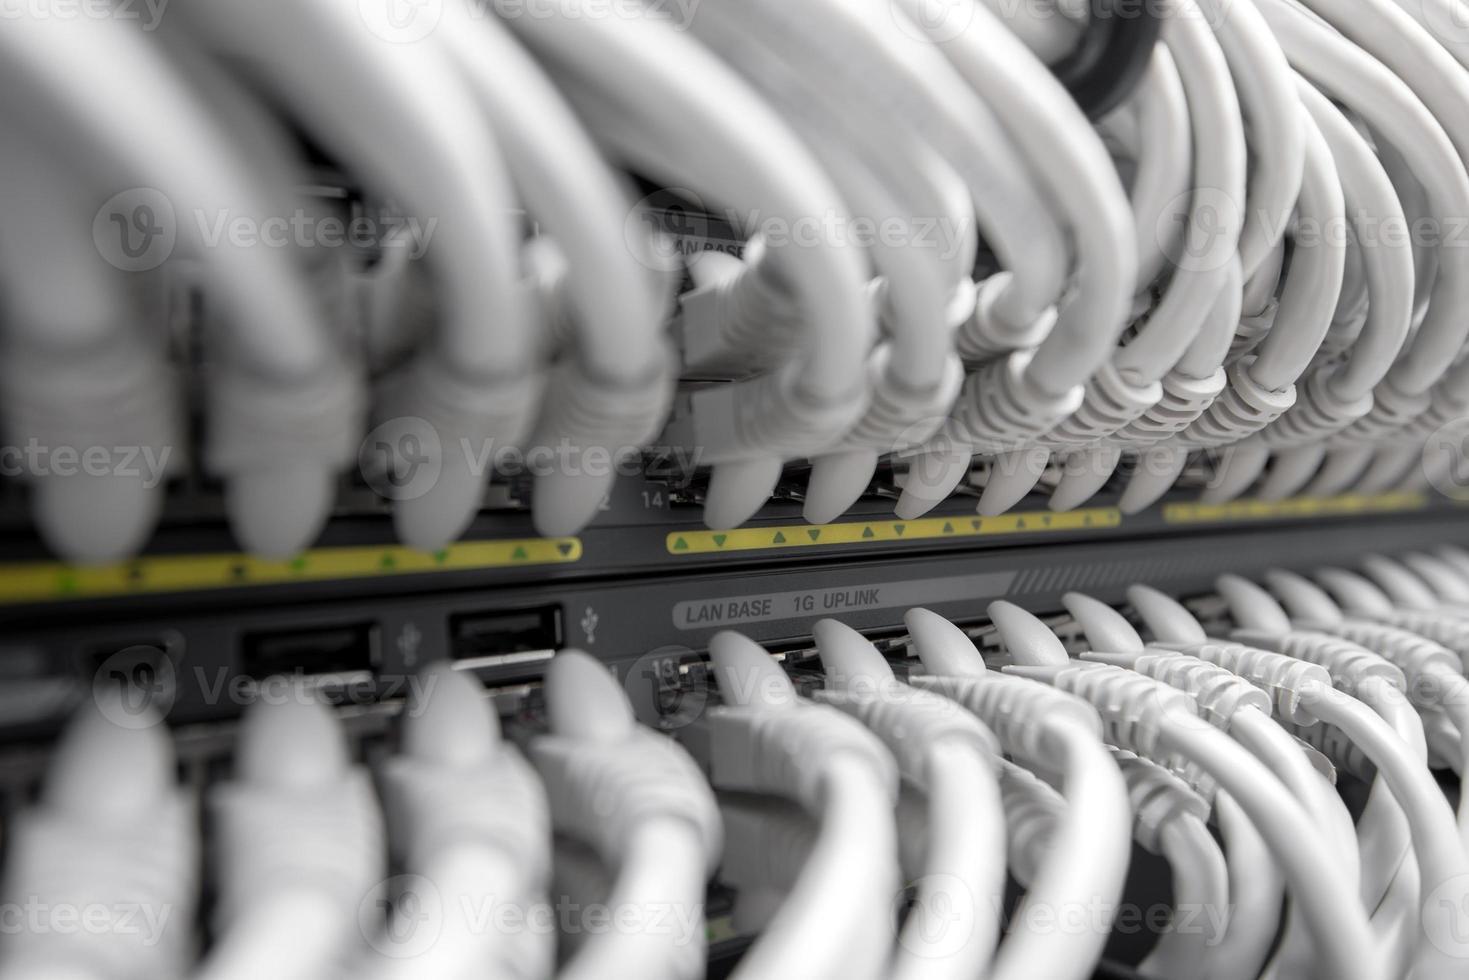 nätverksgigabit smart switch med anslutna kablar foto